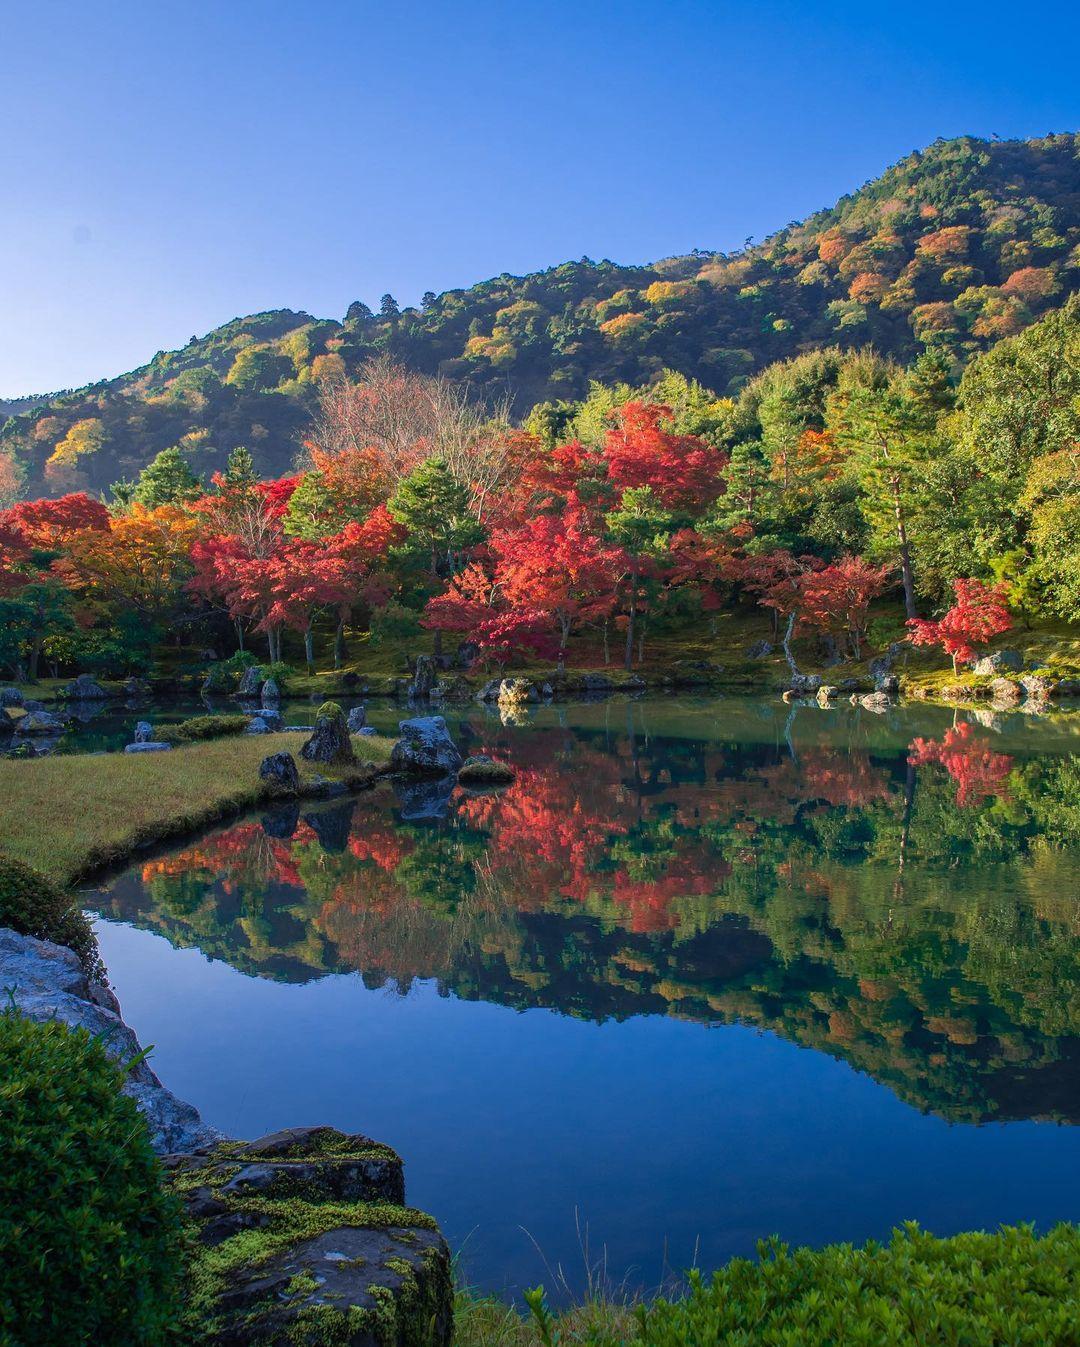 jardines de kioto japon